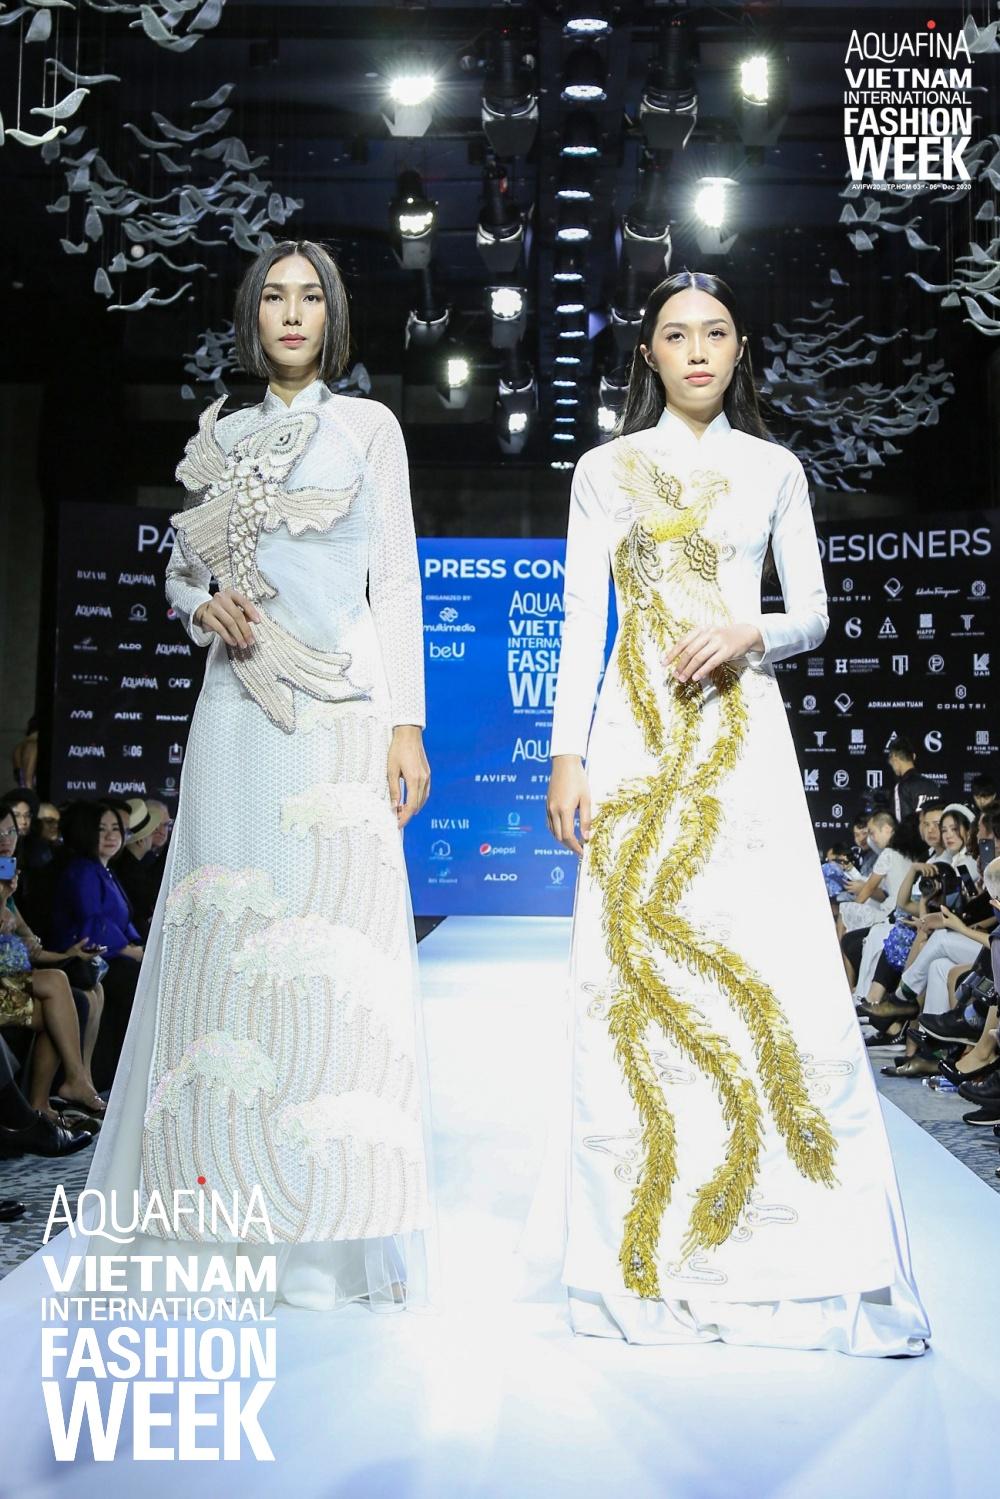 Họp báo Aquafina Tuần lễ thời trang Quốc tế Việt Nam: Phương Mai khoe vòng 1 thách thức, hé lộ mẫu thiết kế trong BST mở màn đến từ NTK Công Trí - Ảnh 10.